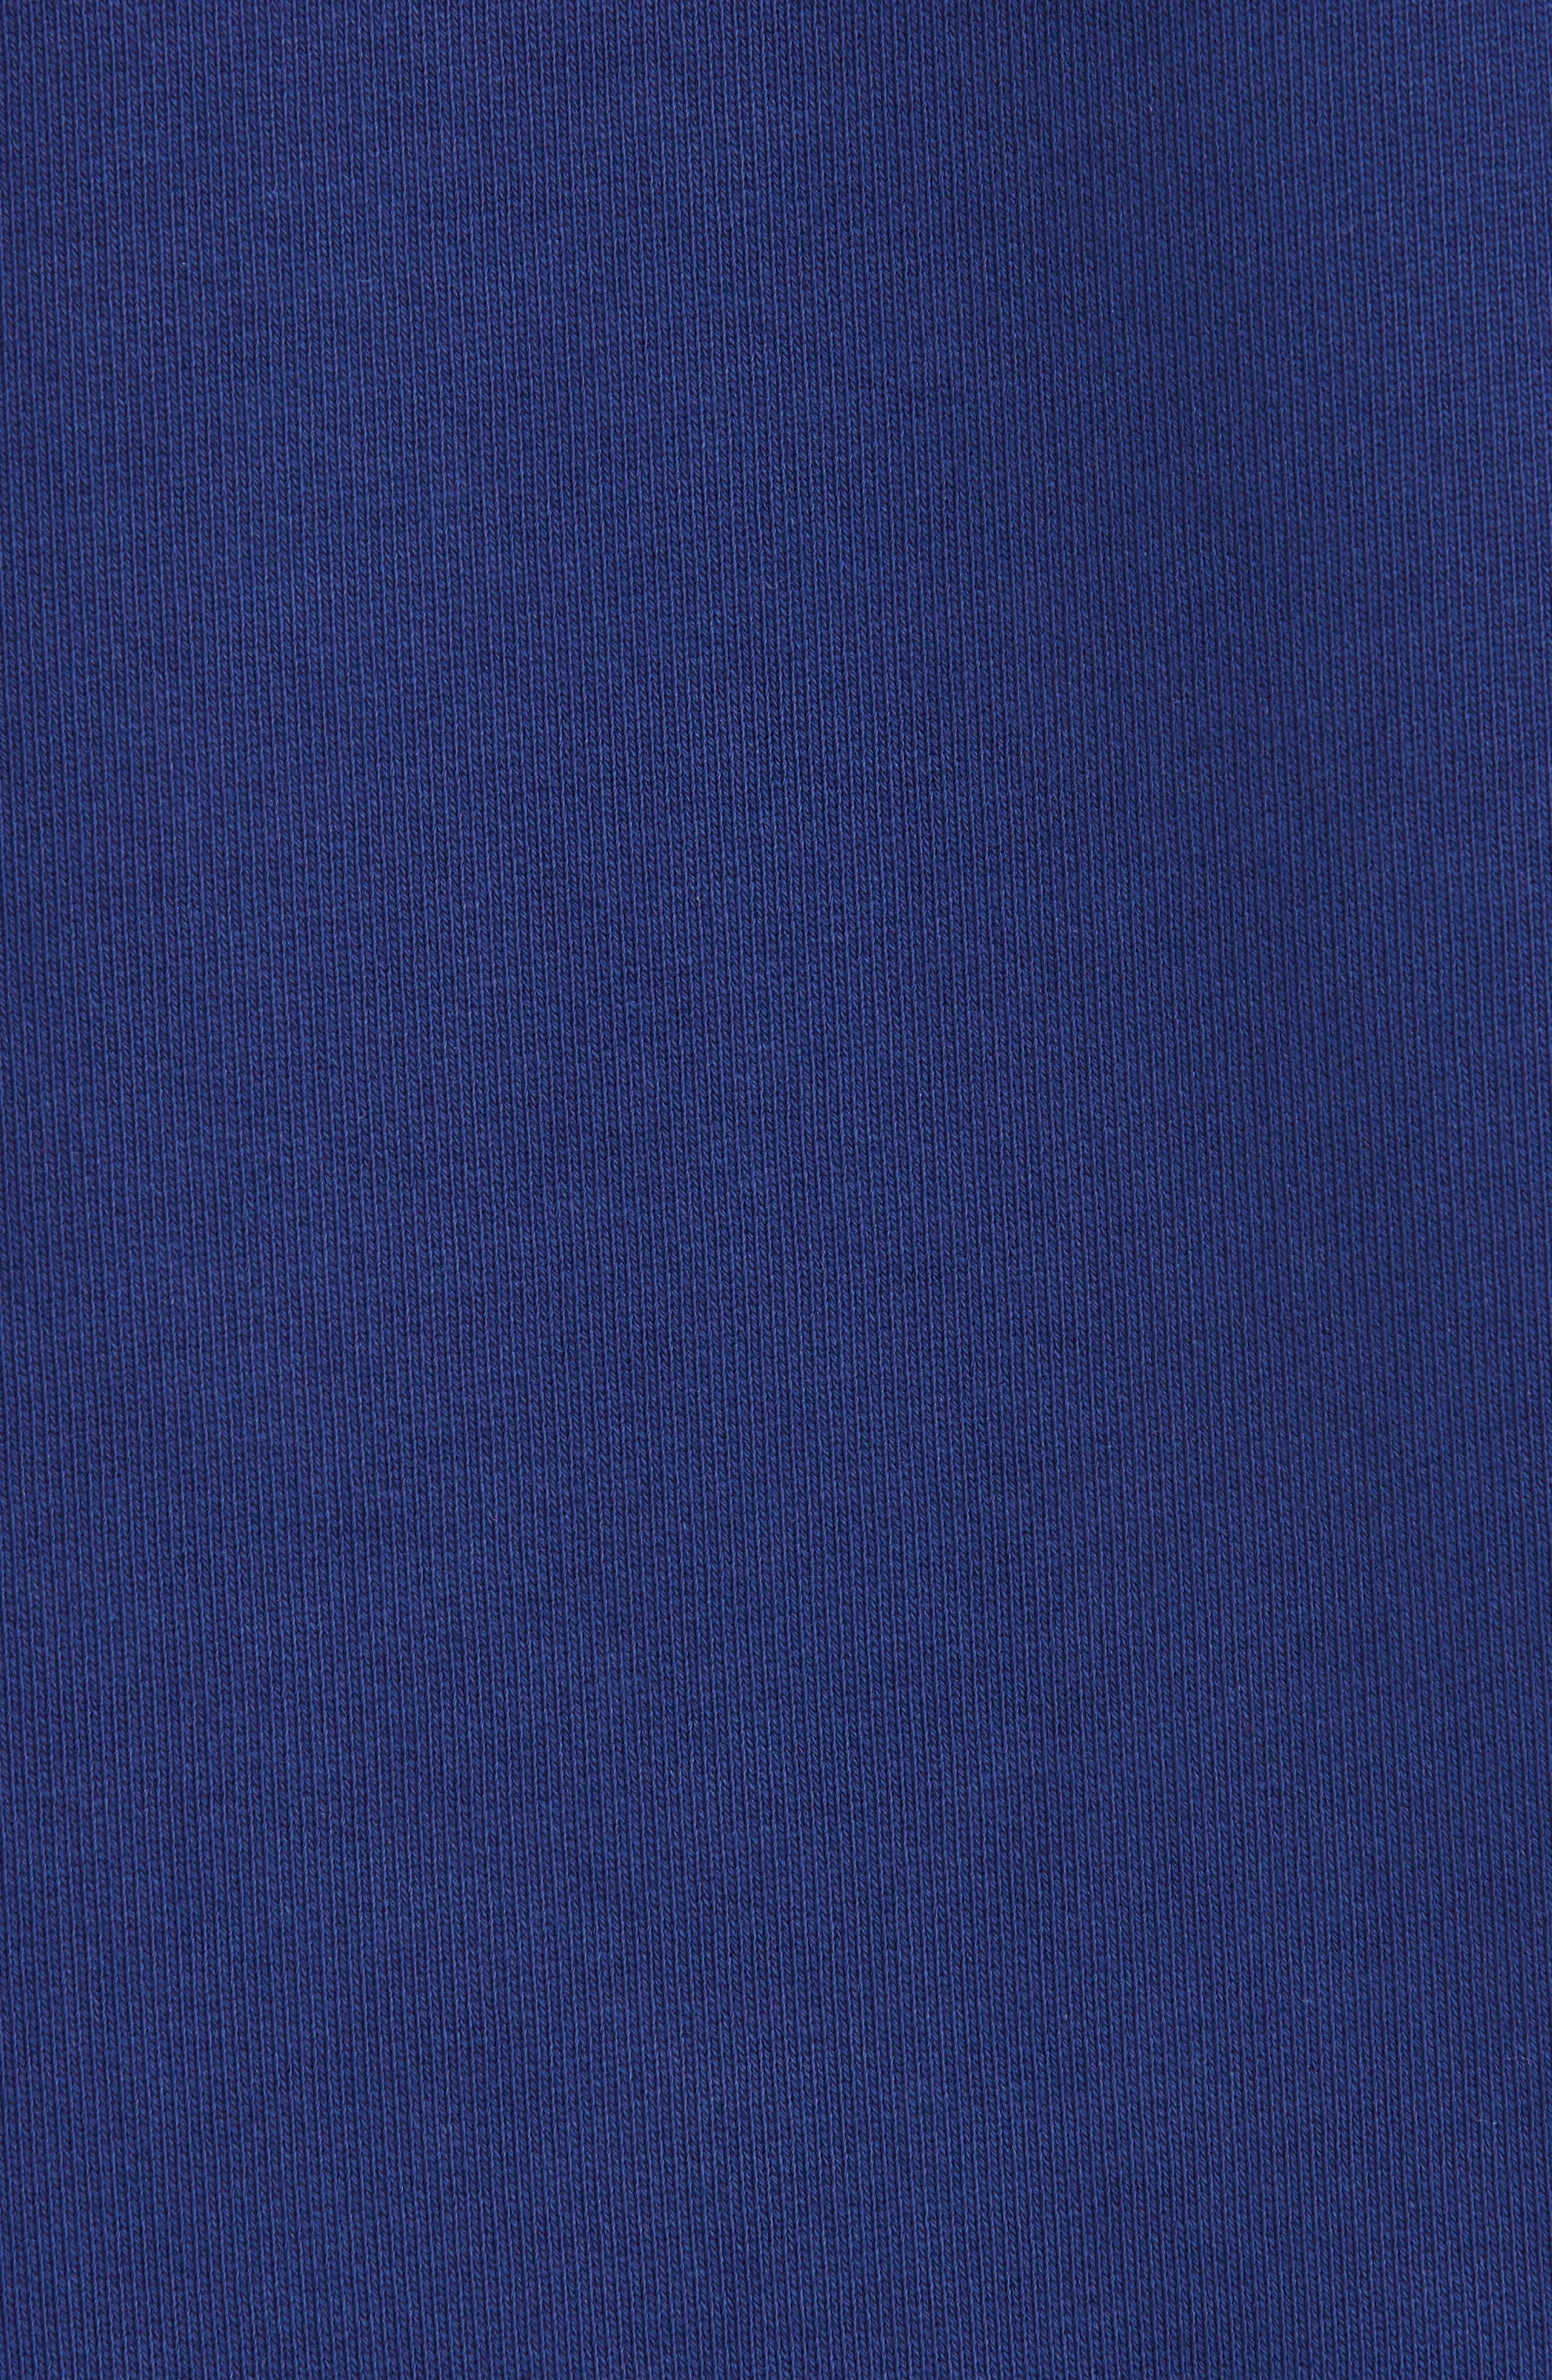 Campaign Logo Sweatshirt,                             Alternate thumbnail 5, color,                             PACIFIQUE